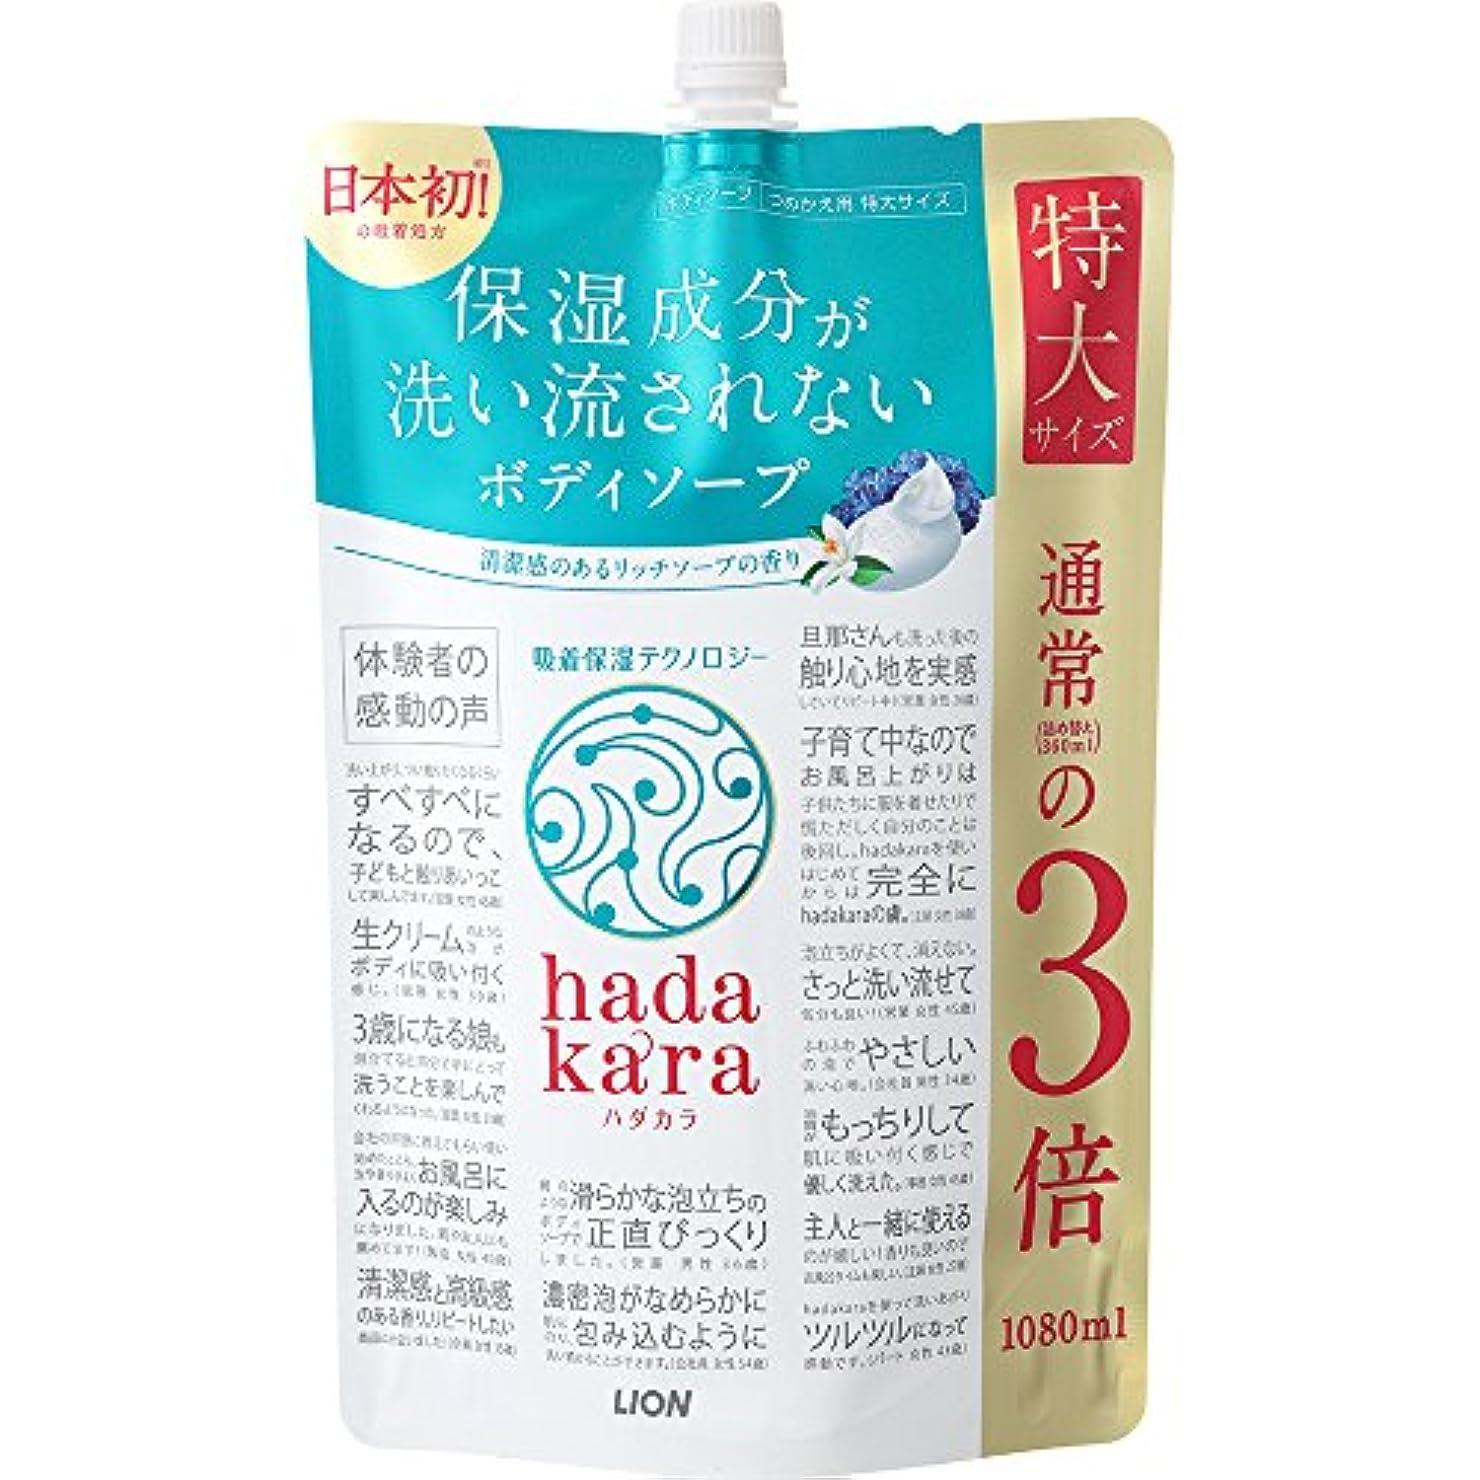 サーフィン落胆させる認証【大容量】hadakara(ハダカラ) ボディソープ リッチソープの香り 詰め替え 特大 1080ml